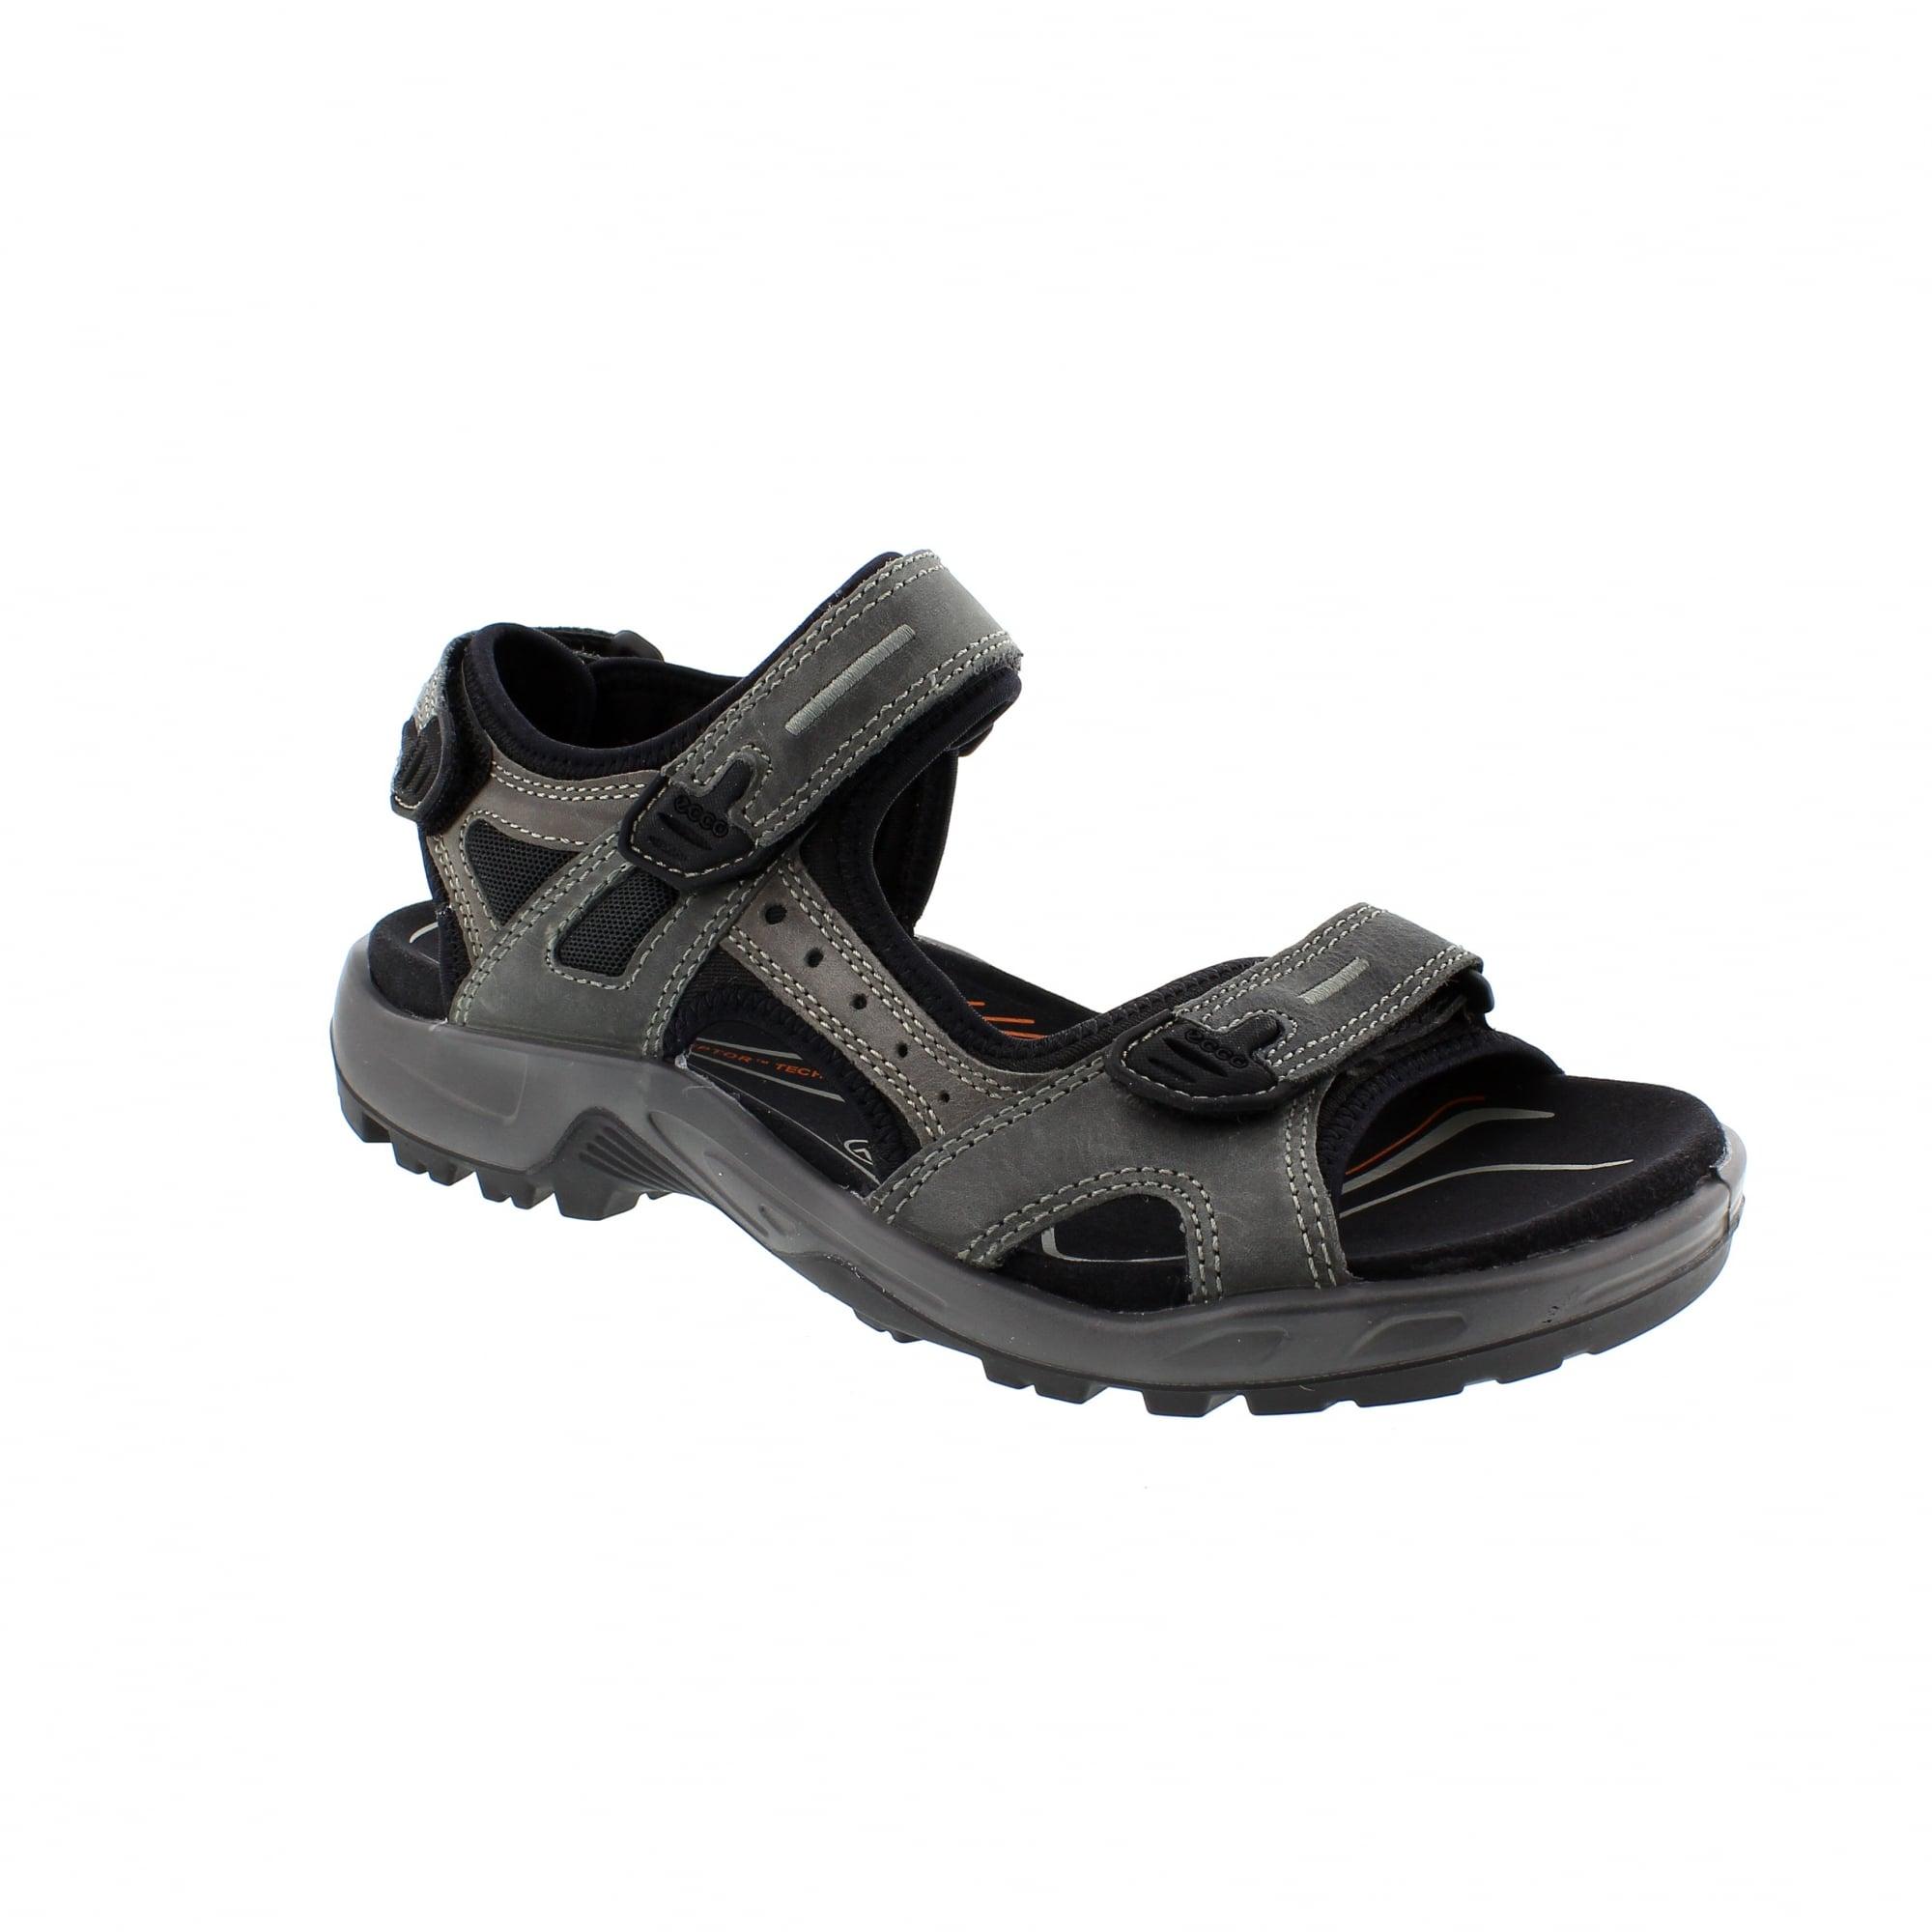 4a3c11a39bb3 Ecco Offroad 069564-02038 Mens Walking Sandals